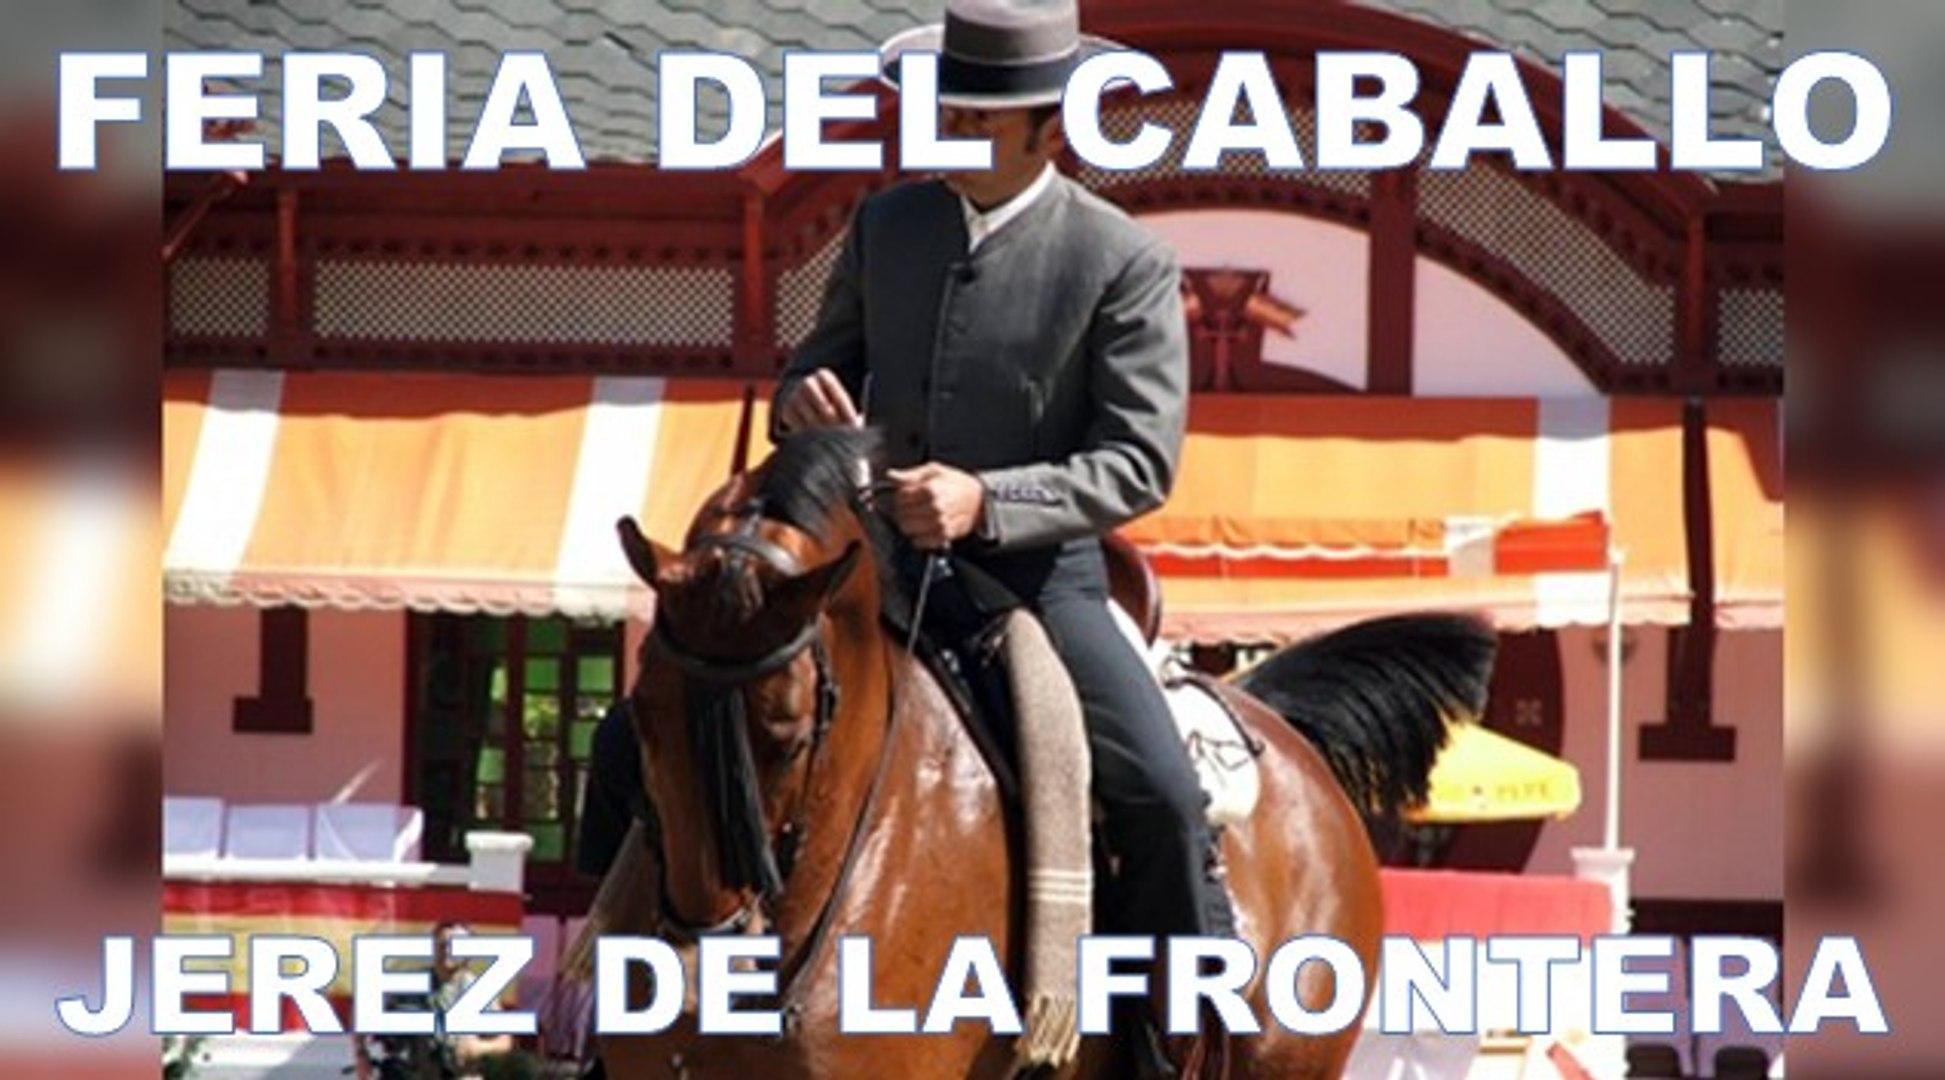 Démonstration de dressage à Jerez de la Frontera (musical)